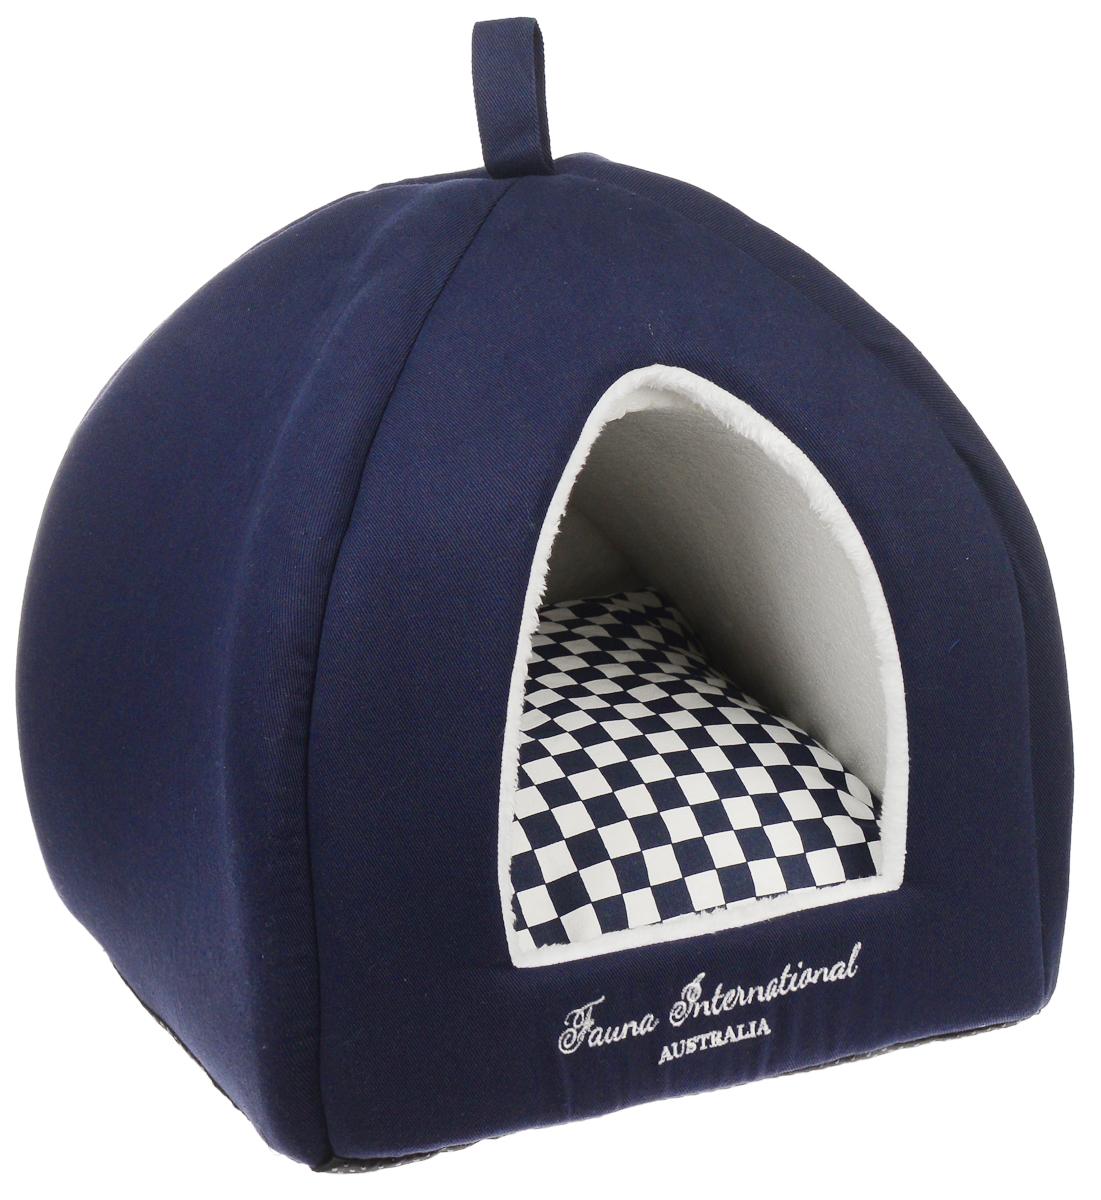 Домик для кошек и собак Fauna Jubilee blue, цвет: темно-синий, черный, белый, 35 см х 35 см х 40смFIDB-9051Домик для кошек и собак Jubilee blue обязательно понравится вашему питомцу. Предназначен для собак мелких пород и кошек. Он изготовлен из хлопковой ткани и отделан внутри мягким мехом. Ваш любимец сразу же захочет забраться внутрь, там он сможет отдохнуть и спрятаться. Компактные размеры позволят поместить домик, где угодно, а приятная цветовая гамма сделает его оригинальным дополнением к любому интерьеру. Внутренняя высота домика: 38 см. Высота подушки: 13 см. Толщина стенки: 2 см